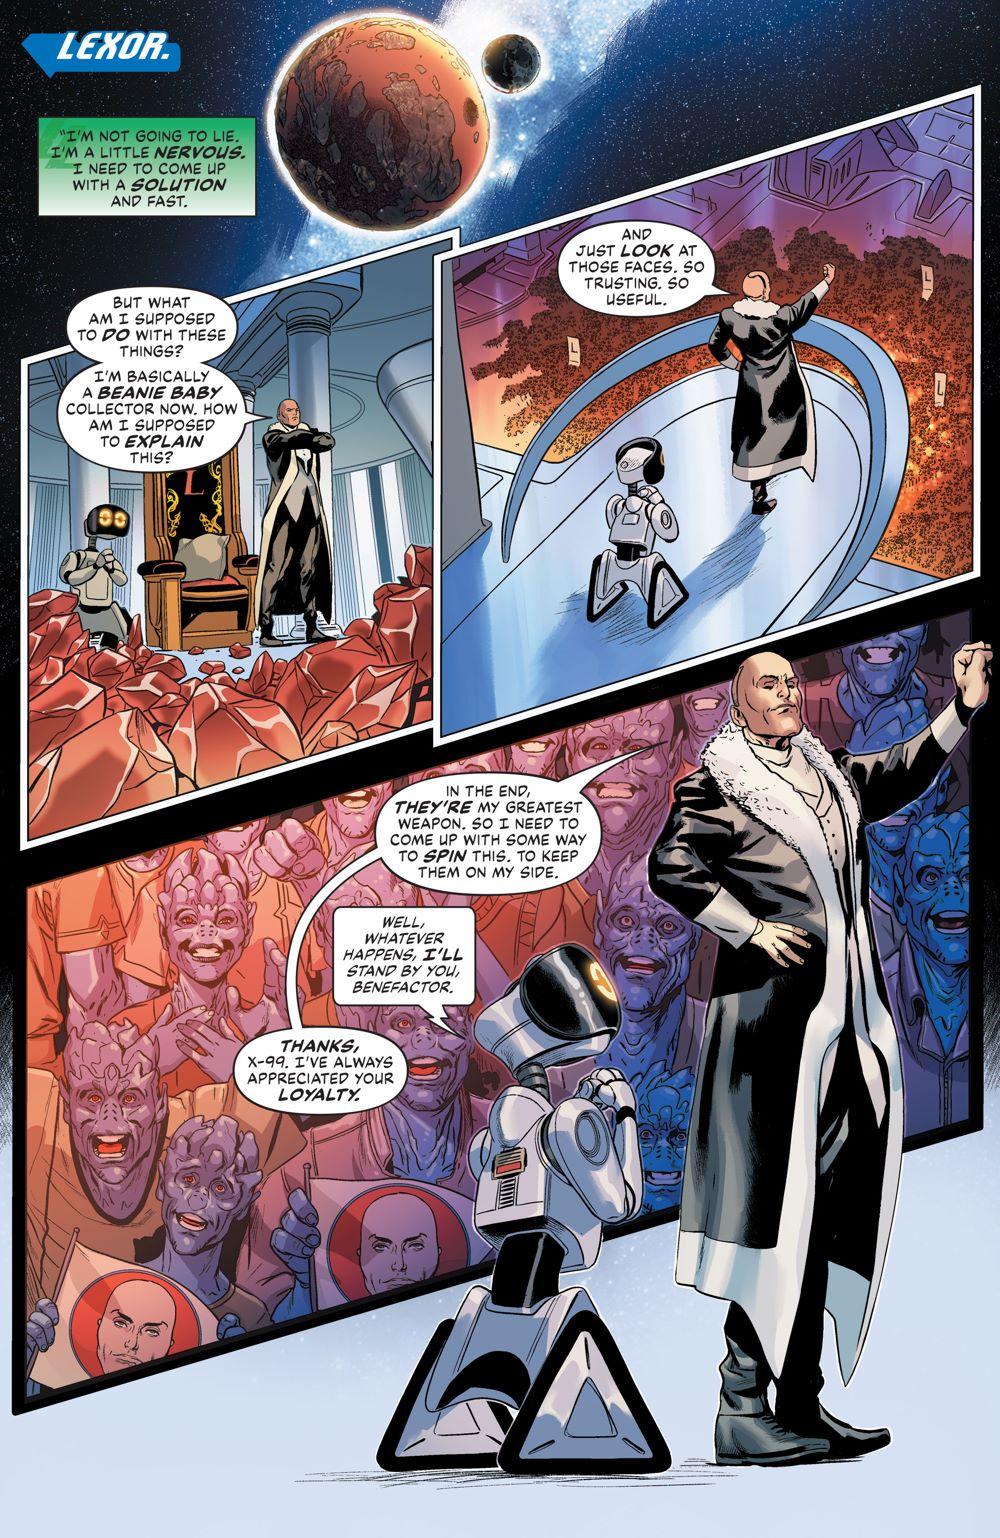 Future-State-Superman-vs-Imperious-Lex-3-5_605d44cc284f66.51969563 ComicList Previews: FUTURE STATE SUPERMAN VS IMPERIOUS LEX #3 (OF 3)